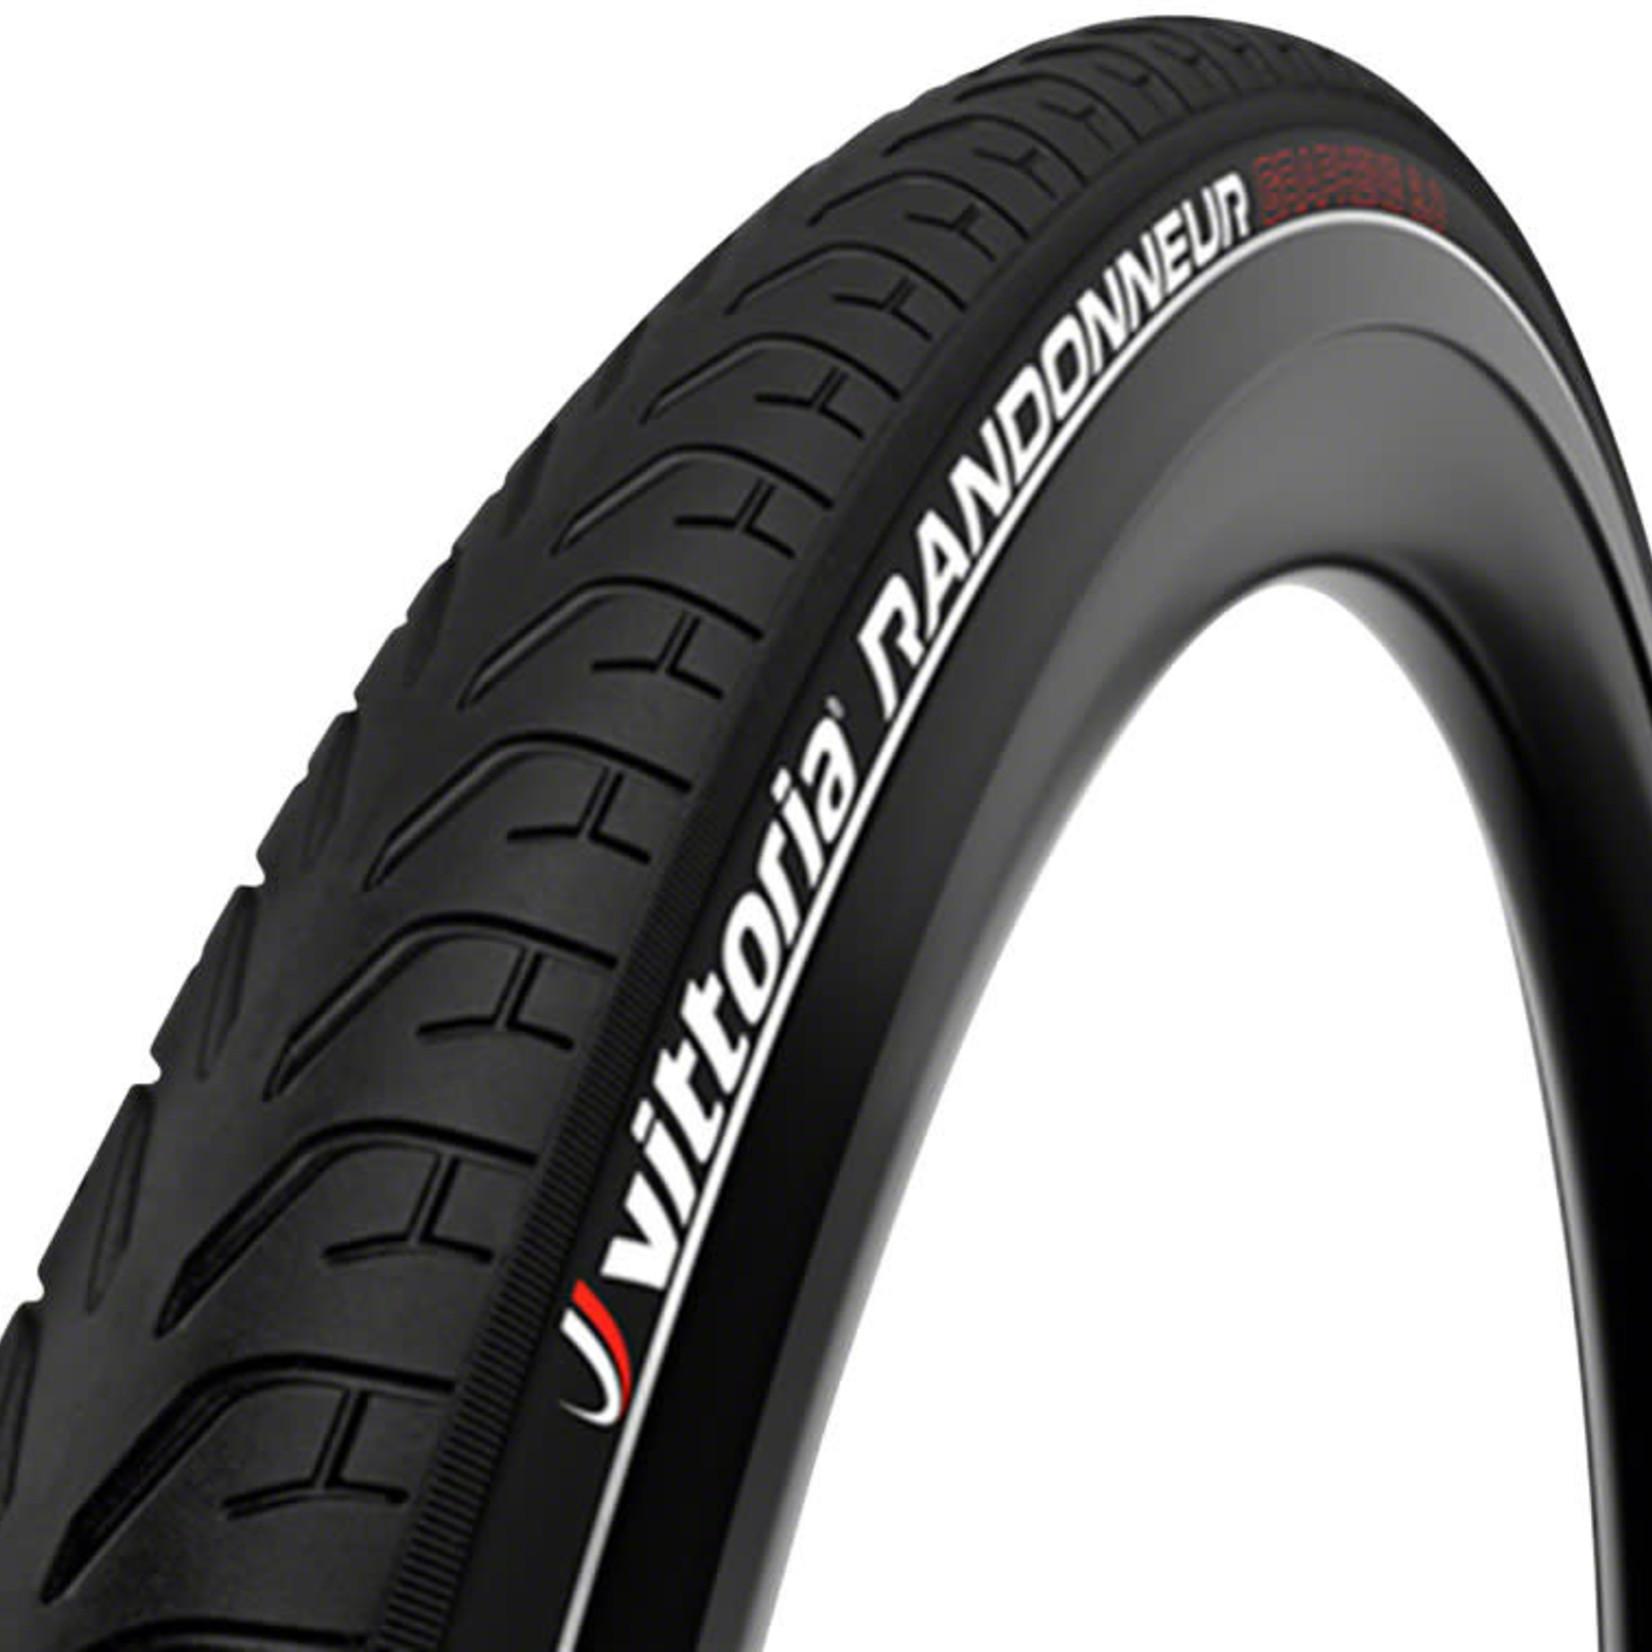 Vittoria Vittoria Randonneur Reflect Tire - 700 x 28, Clincher, Wire, Black